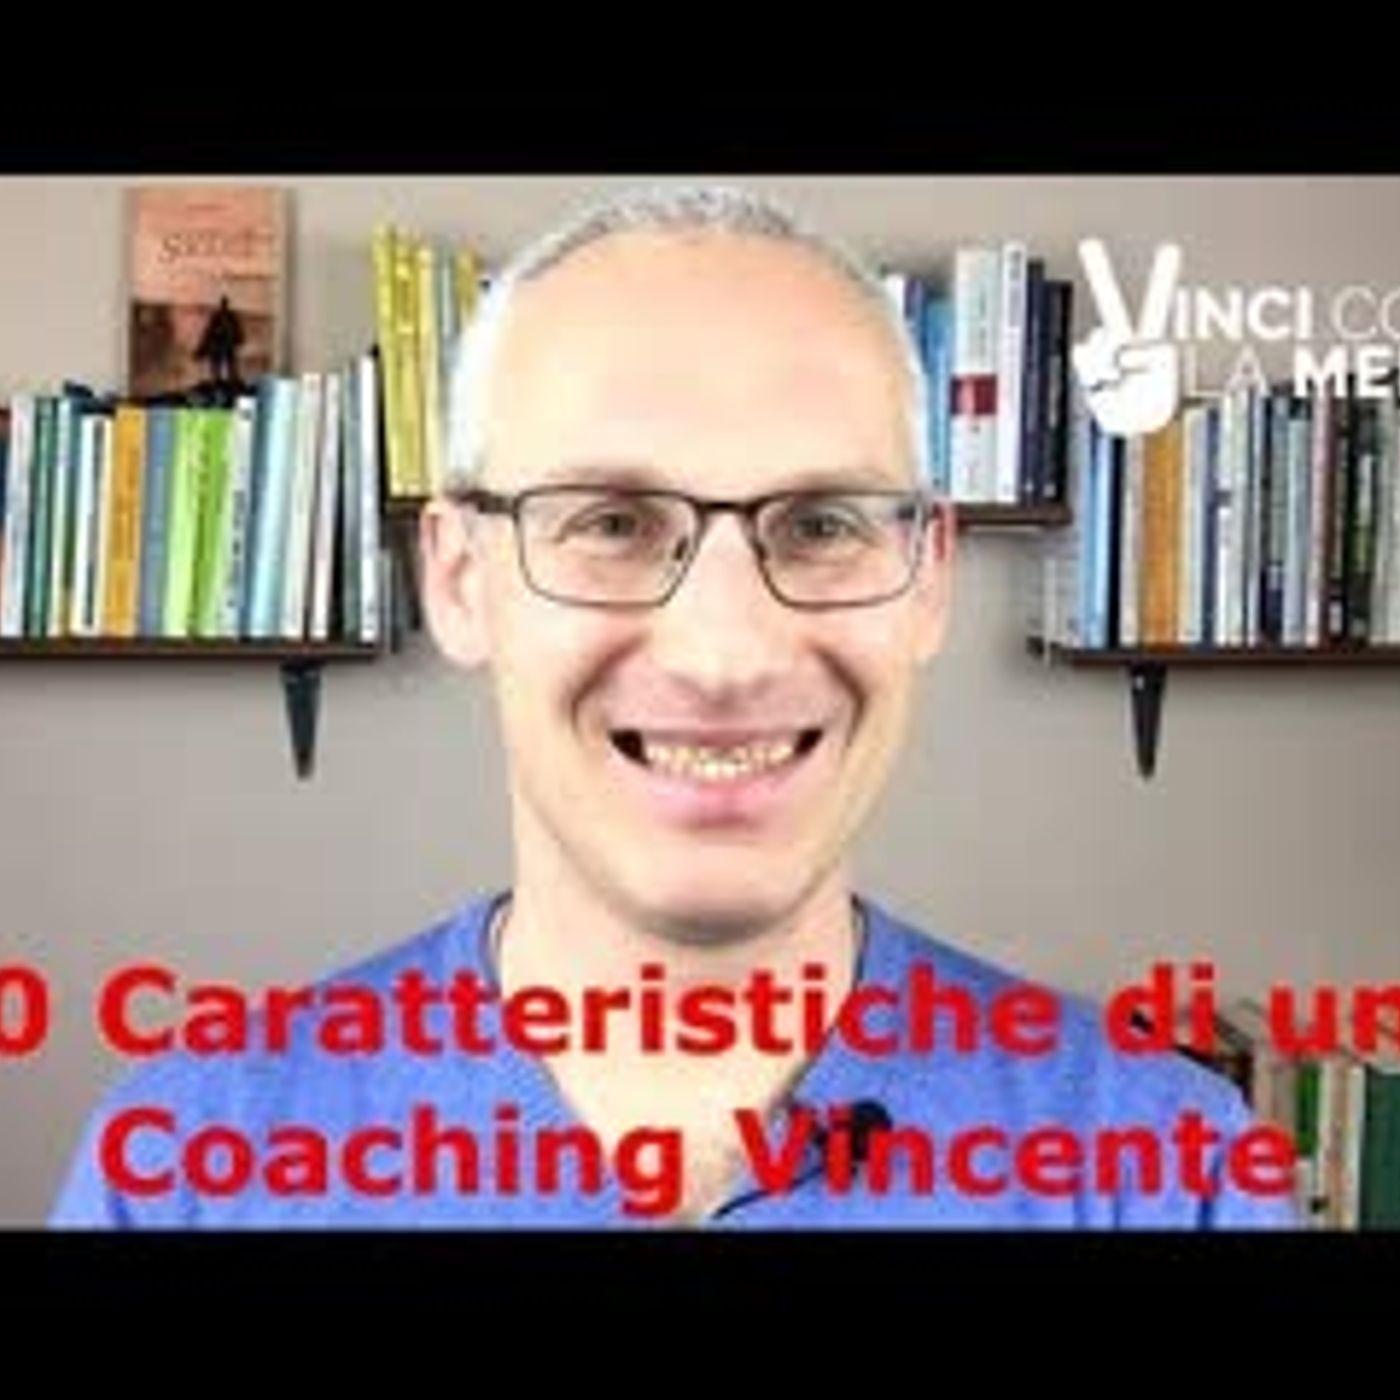 10 caratteristiche di una coaching vincente - Perle di Coaching